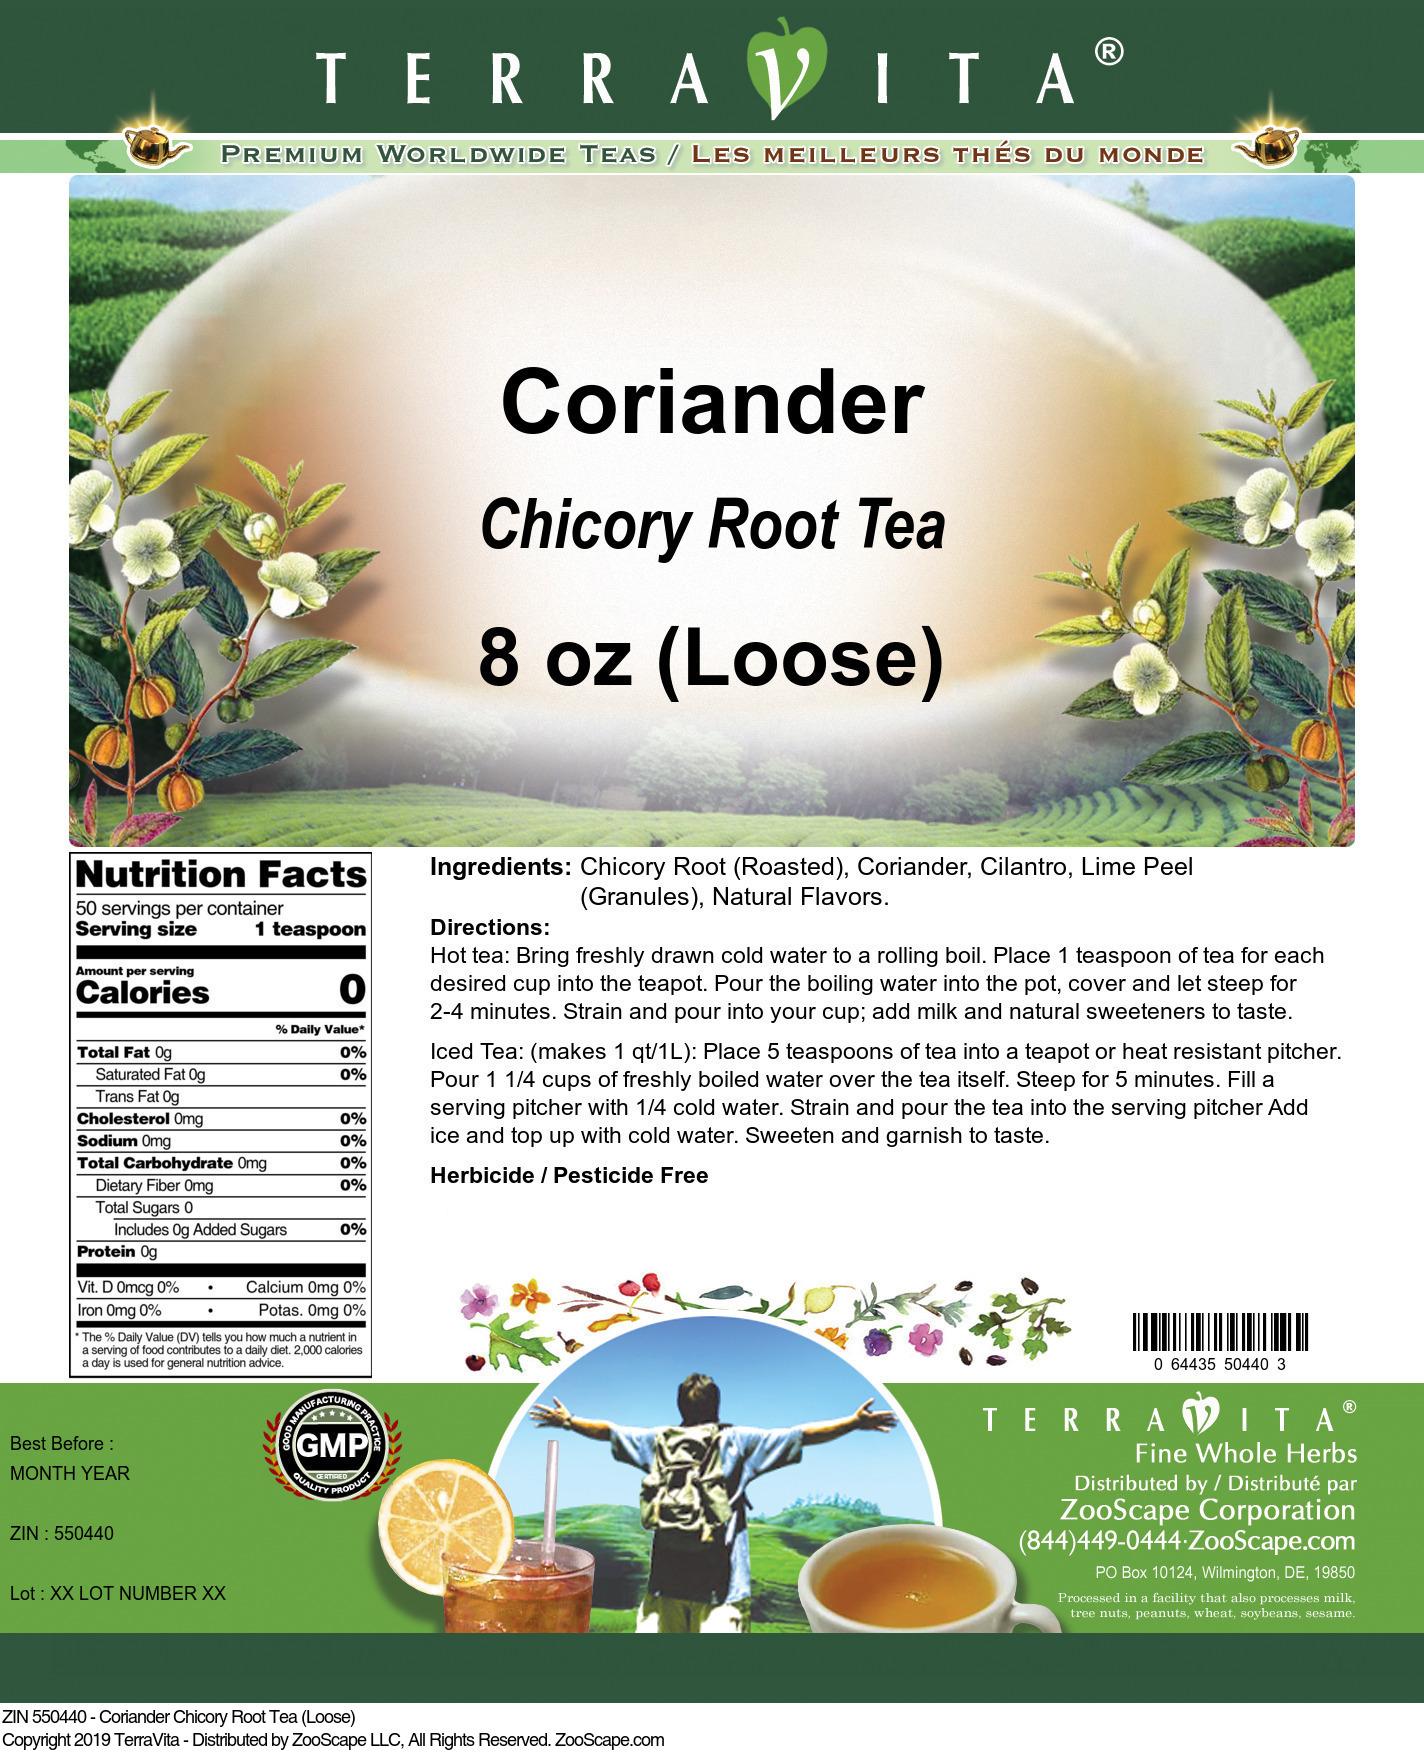 Coriander Chicory Root